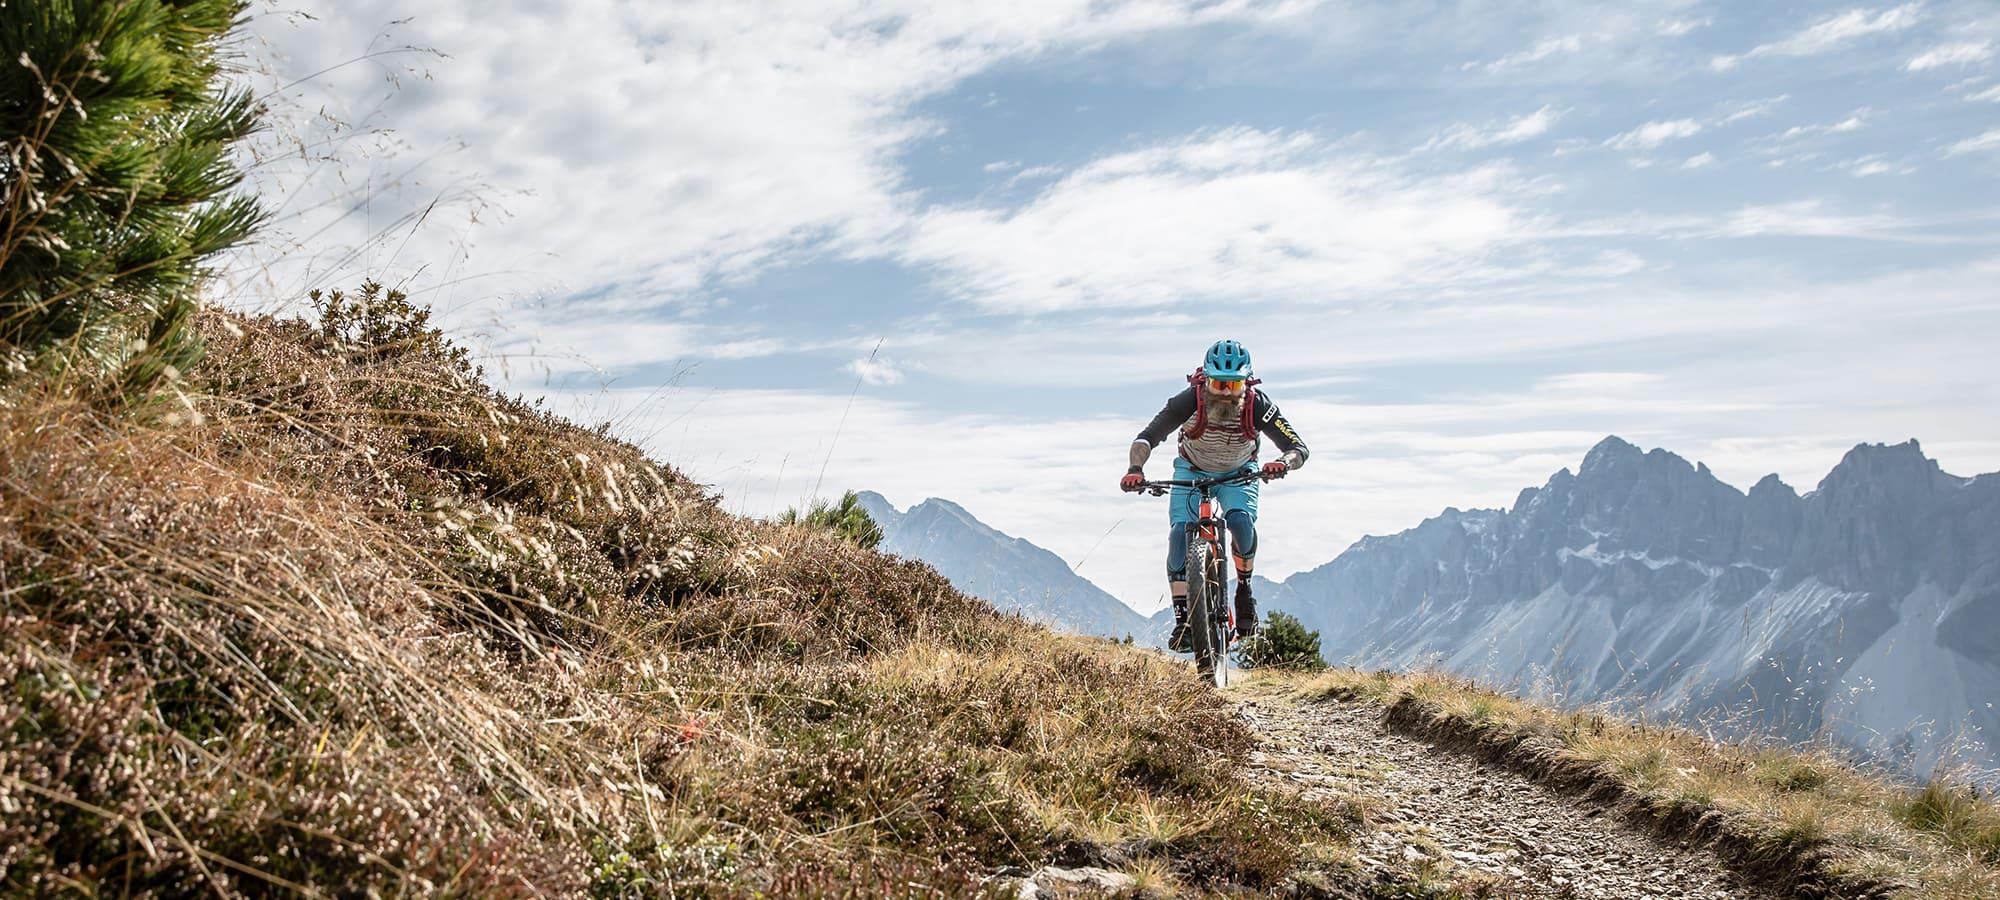 Mountainbiken auf der Plose